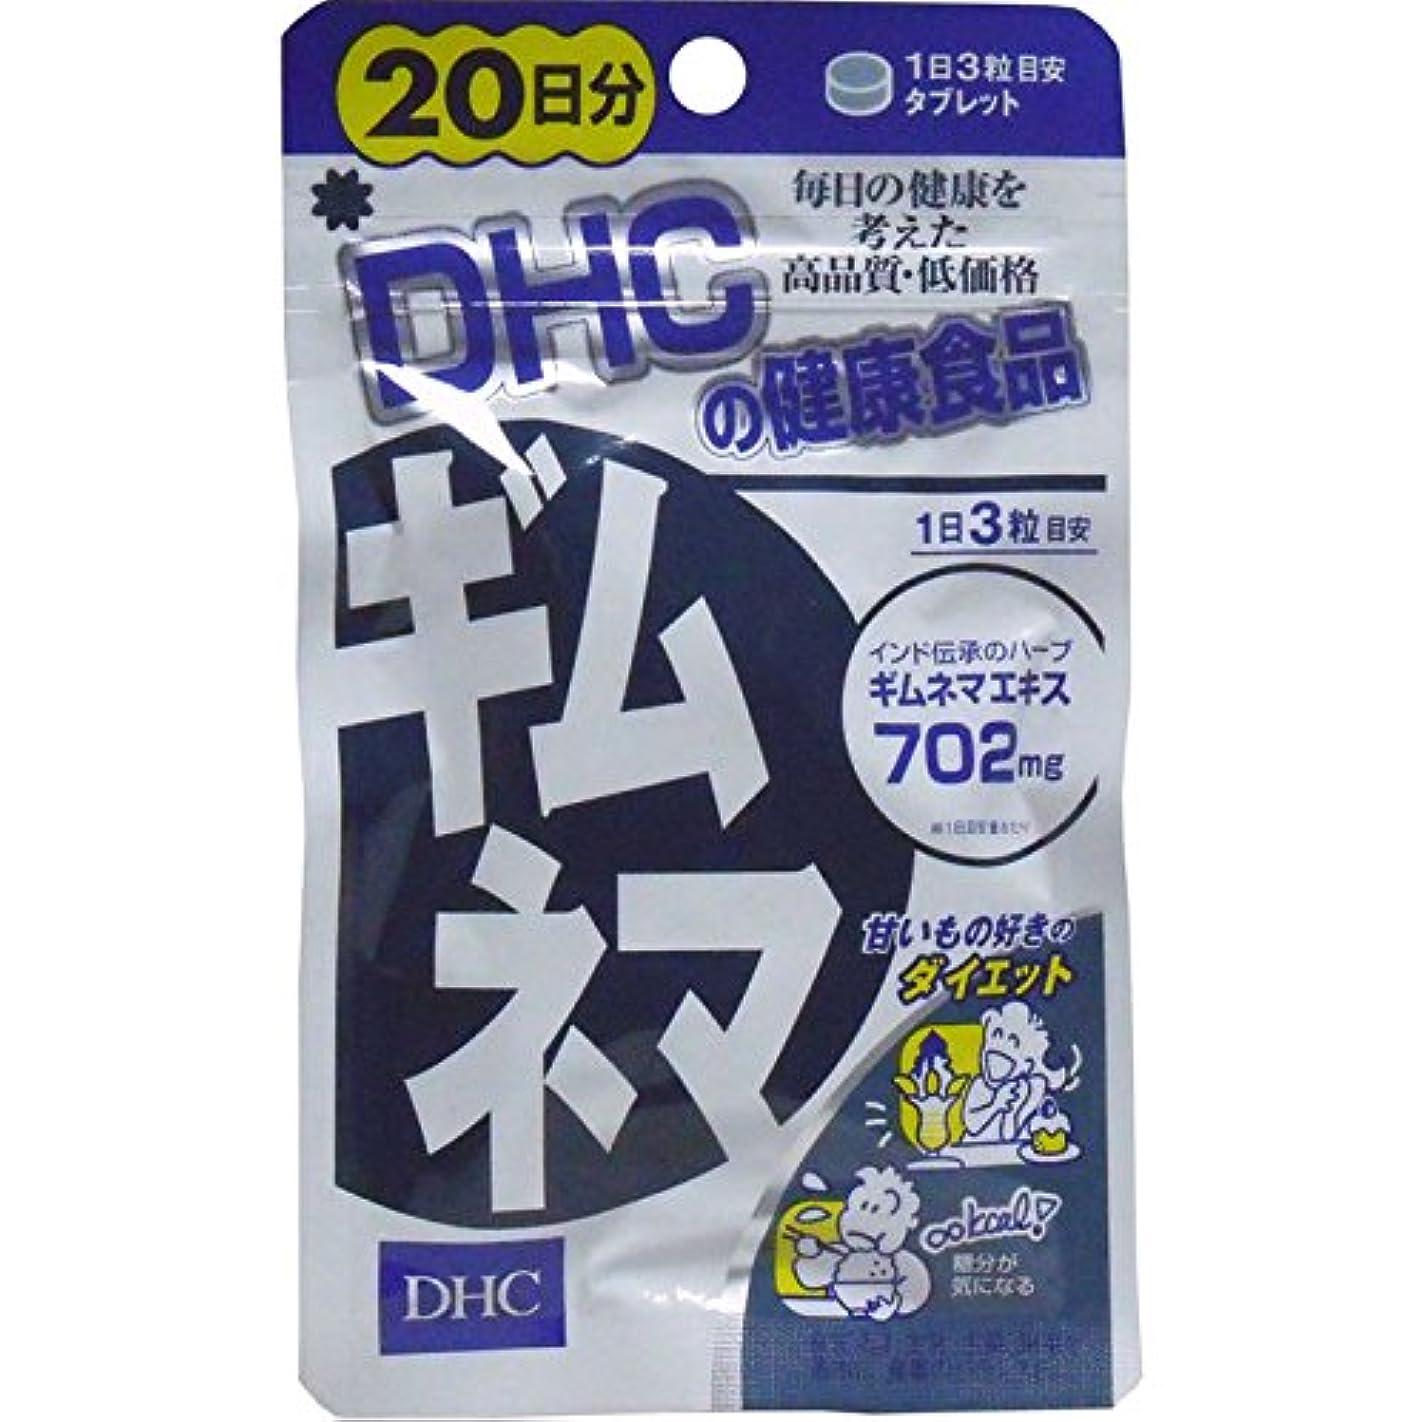 司書ハンマーぼんやりした我慢せずに余分な糖分をブロック DHC ギムネマ 20日分 60粒